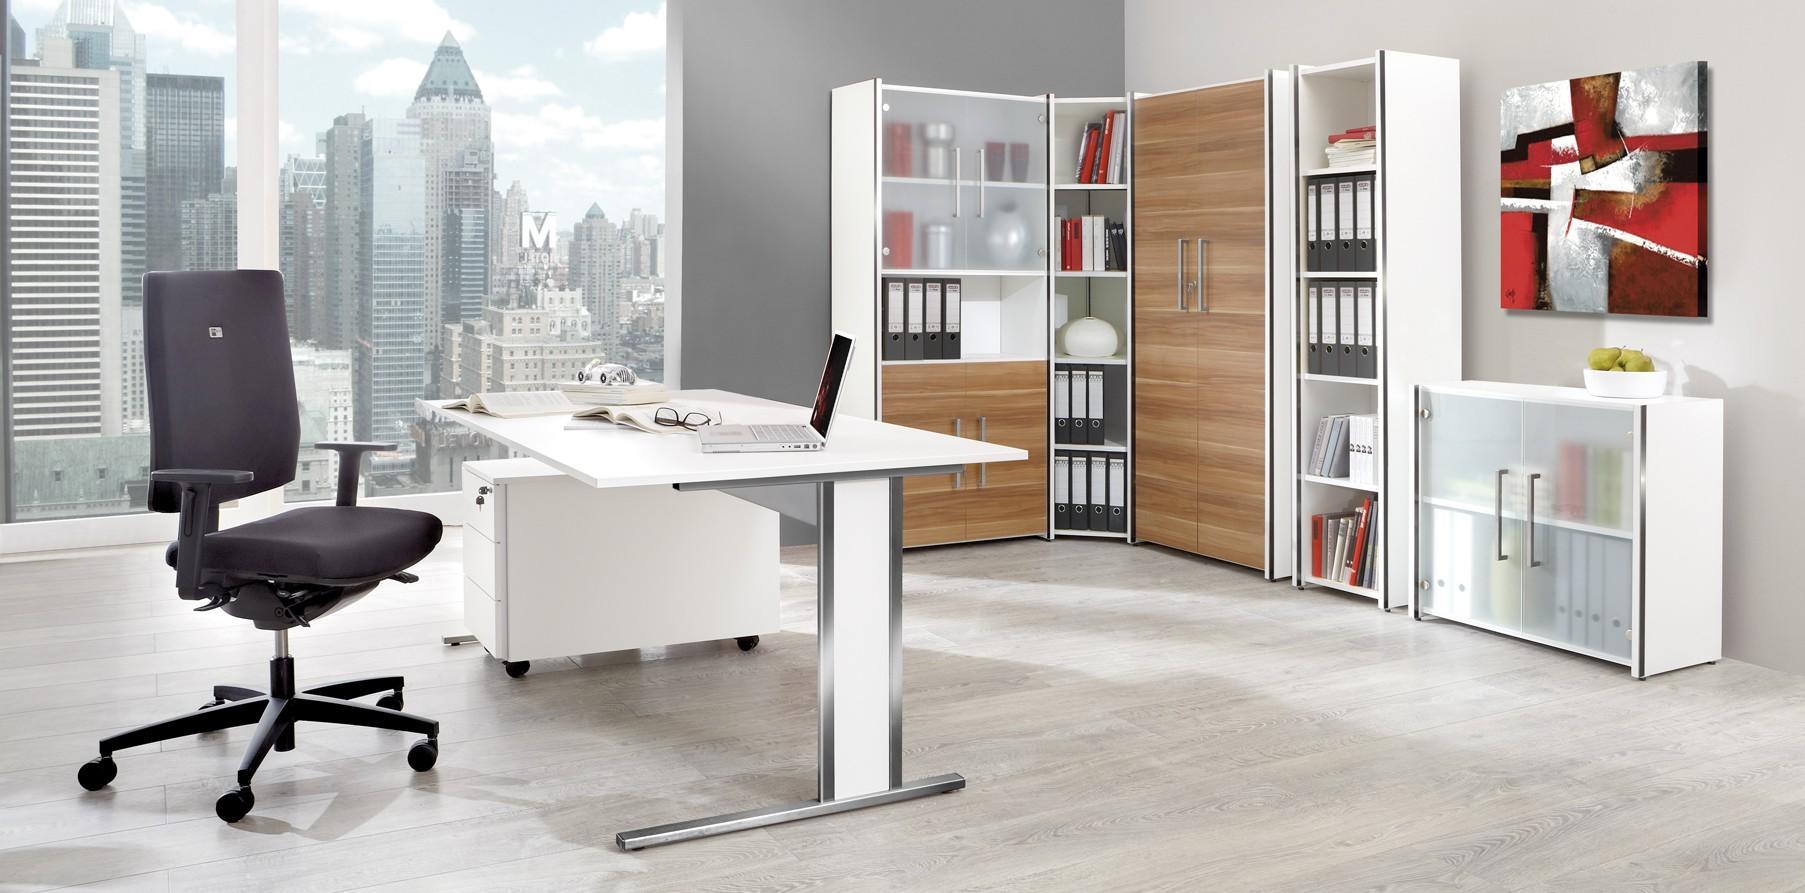 Ziemlich Büromöbel Preiswert Ideen - Die Schlafzimmerideen - kruloei ...